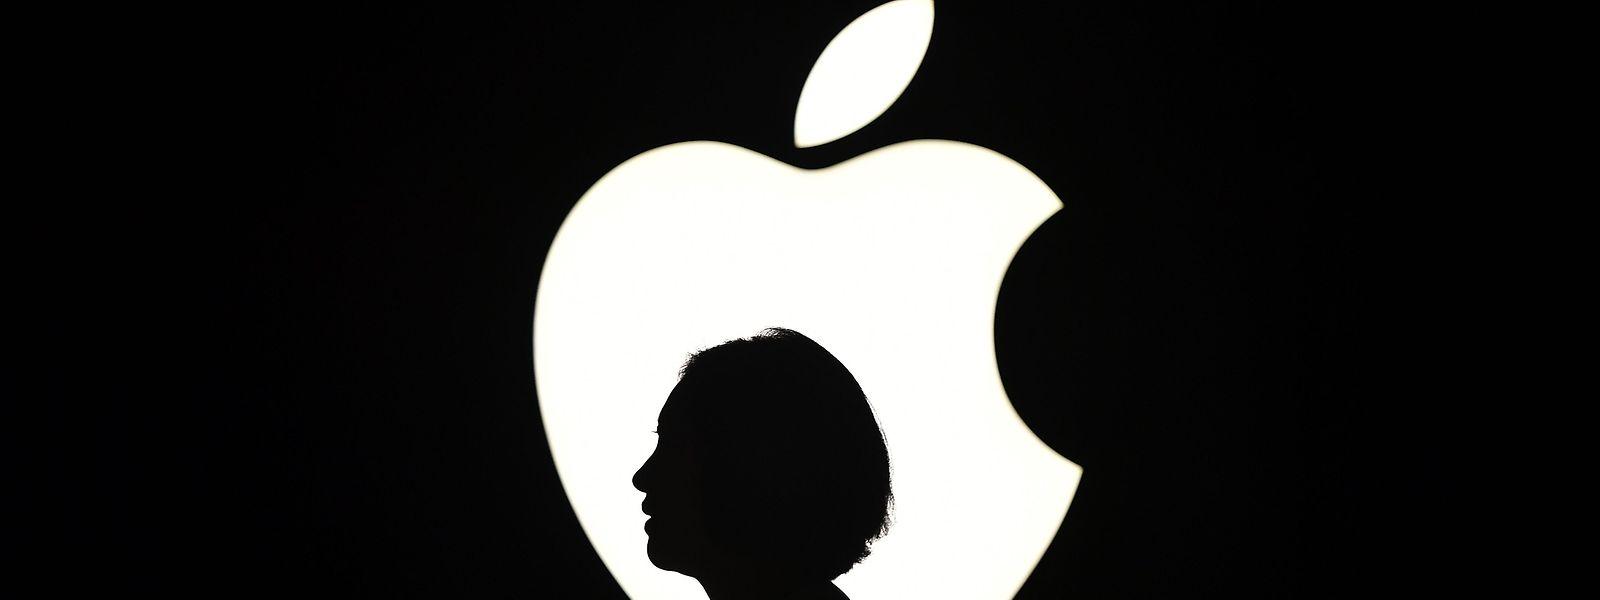 Apple hat schnell reagiert und ein Update angeboten.